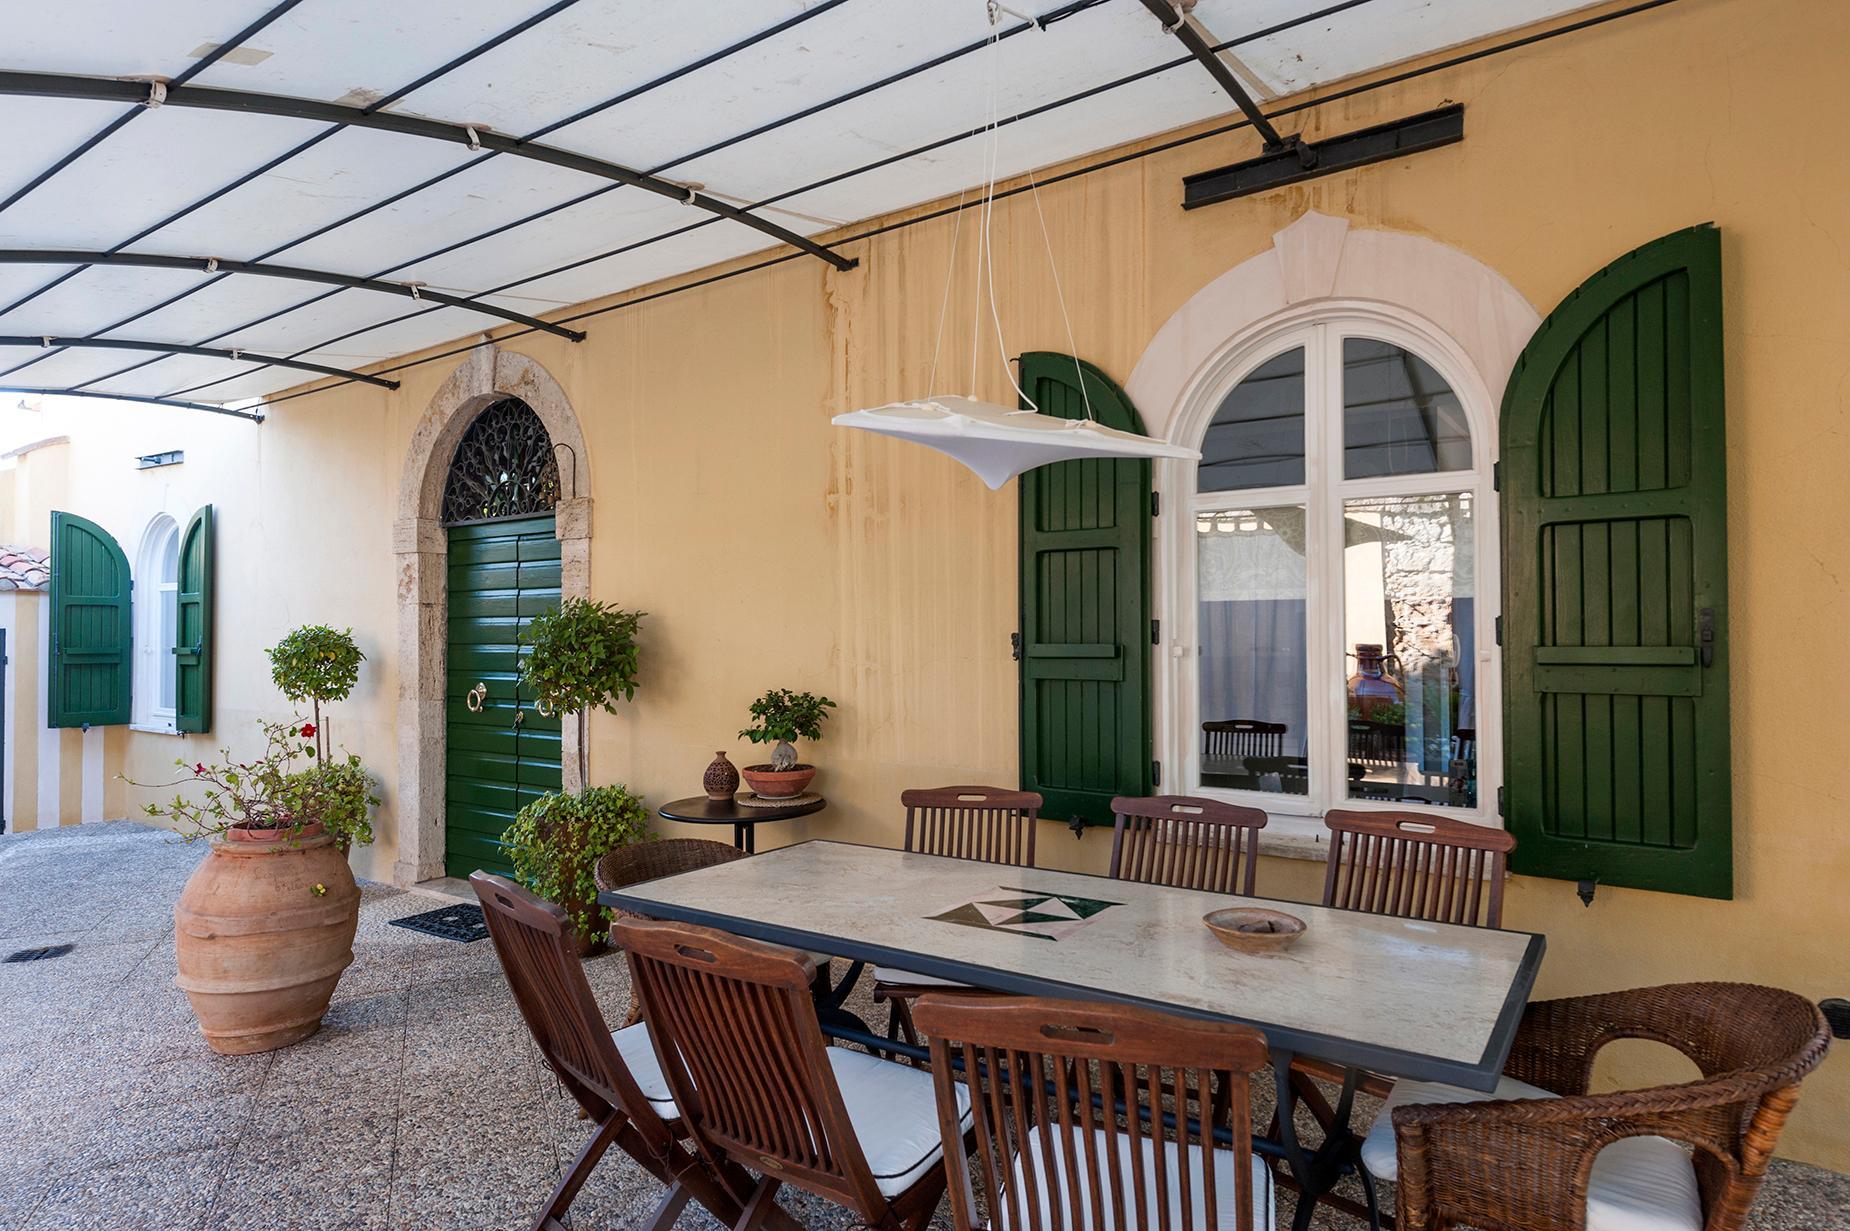 Résidence élégante dans la basse Maremme toscane - 17